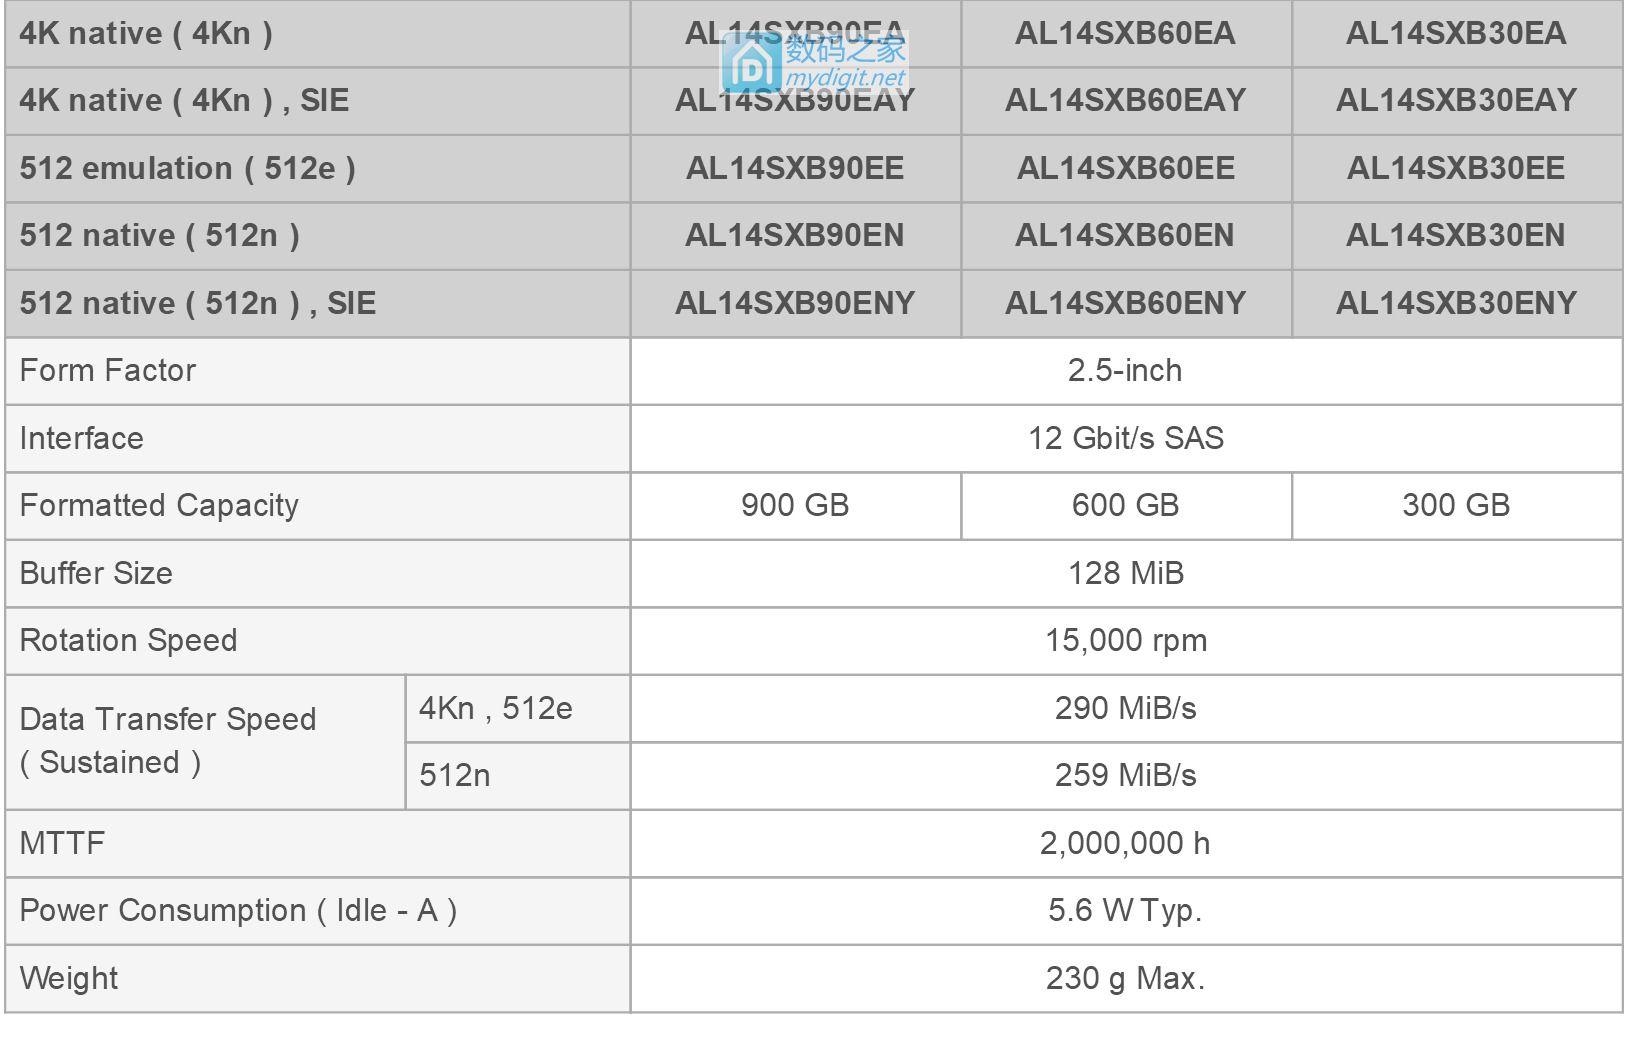 不再造垃圾了?东芝AL14SX企业级硬盘发布,体积速度抢眼